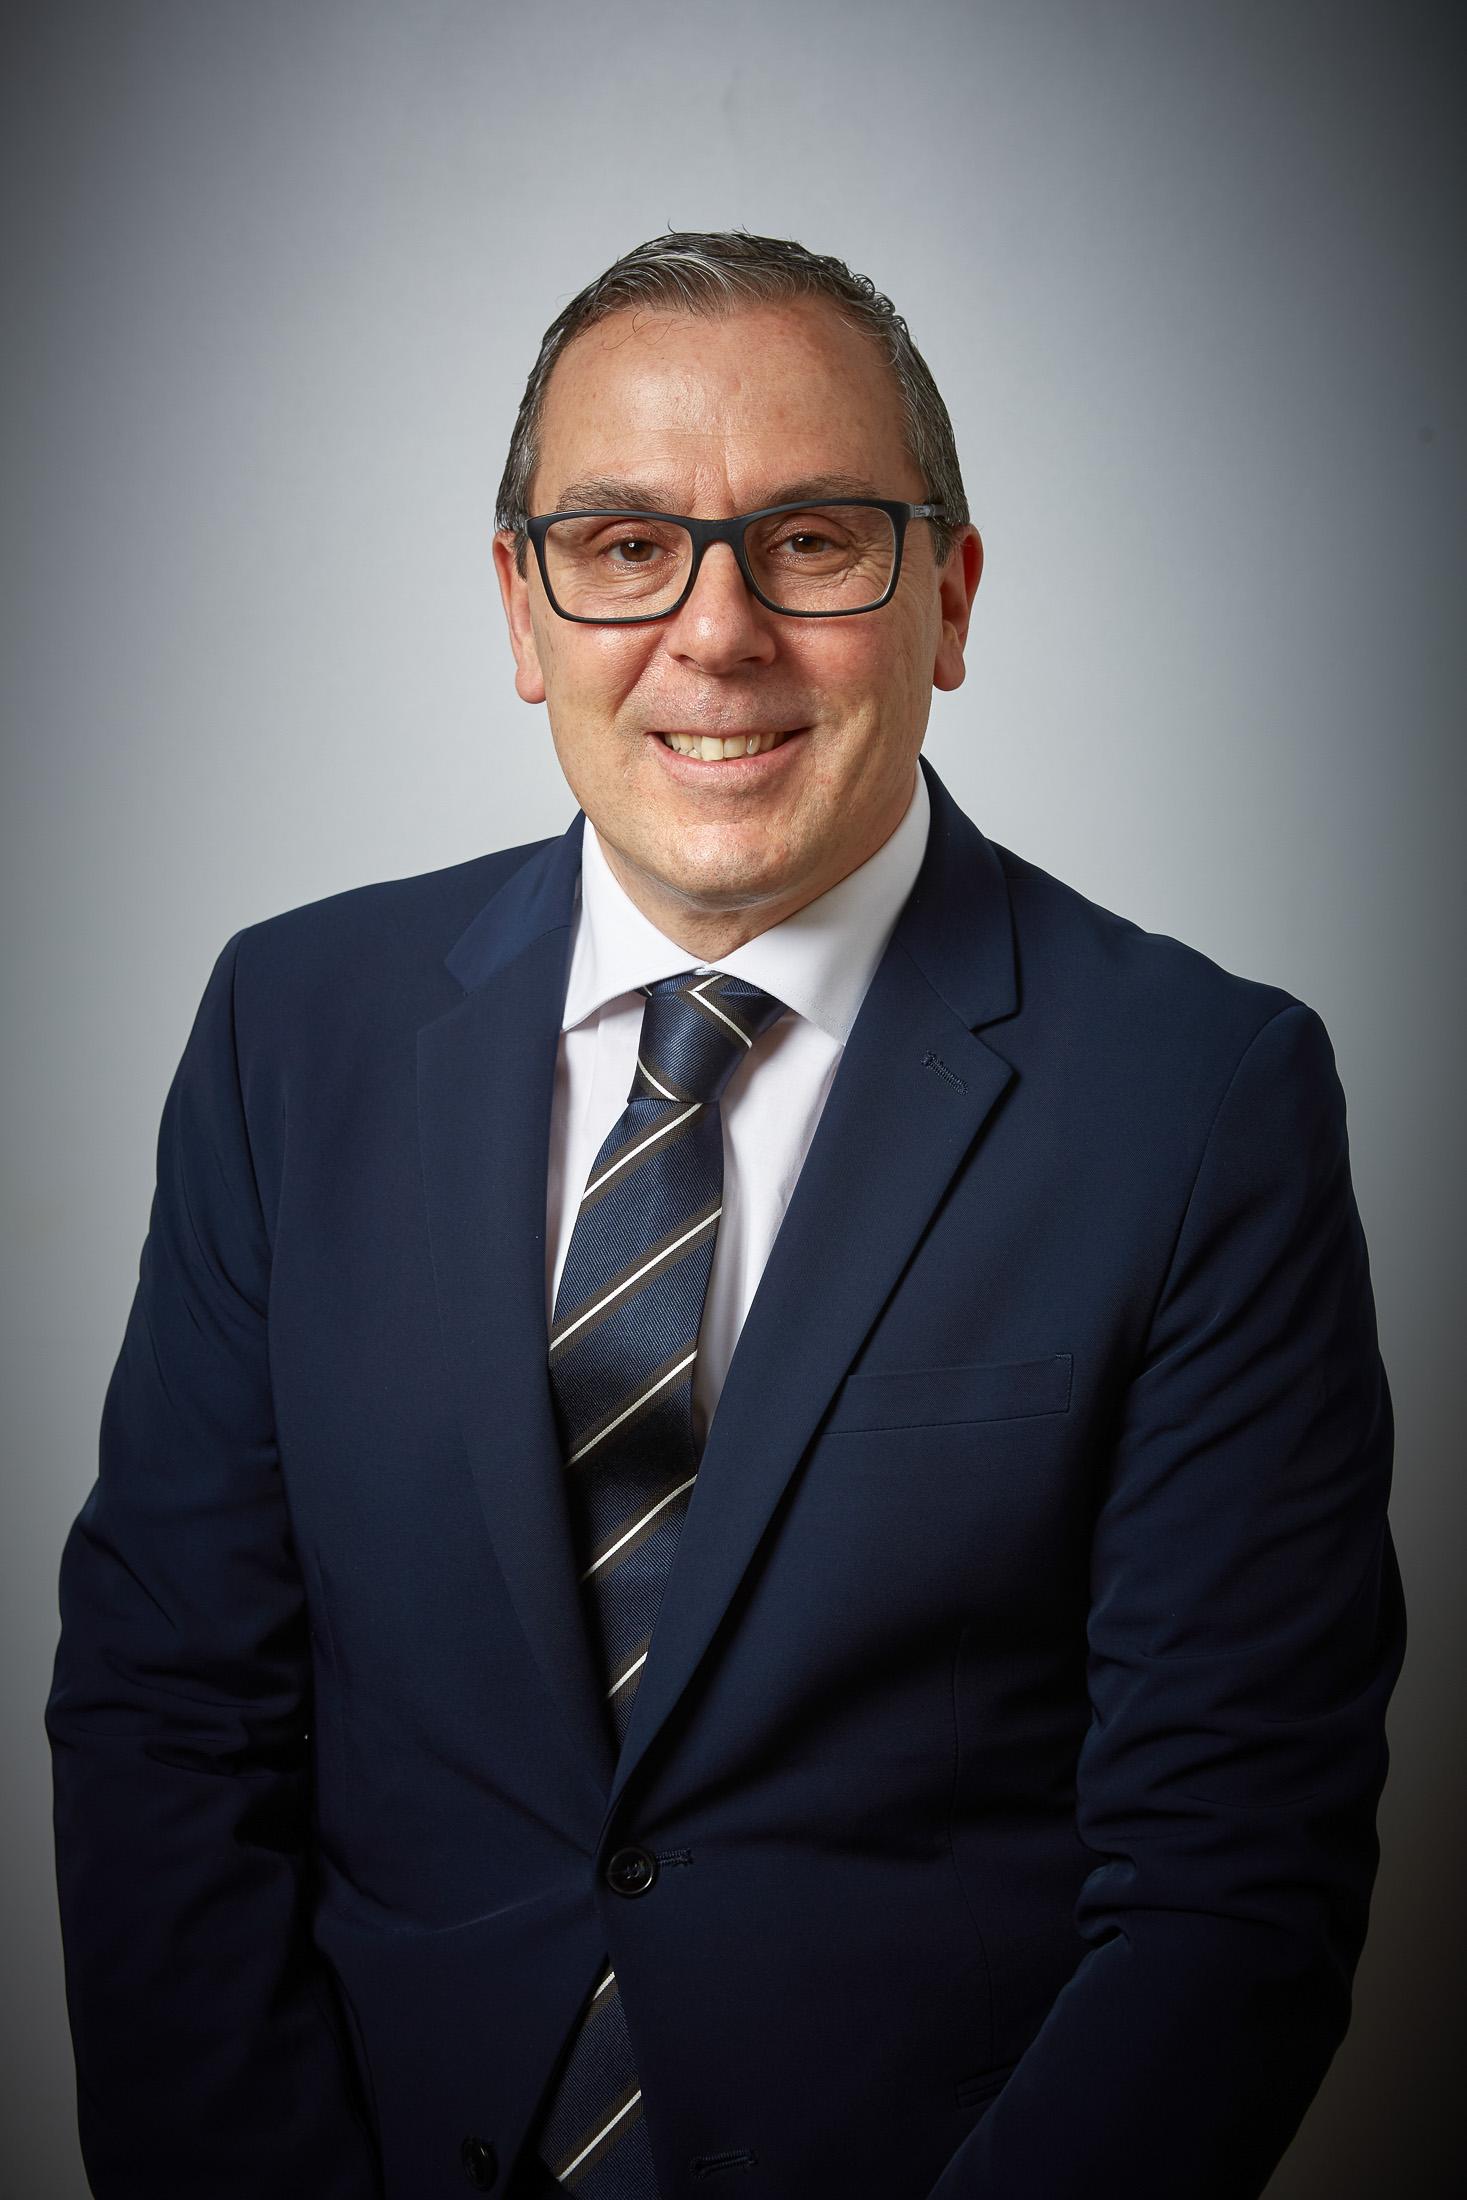 Panazzolo Gian Filippo